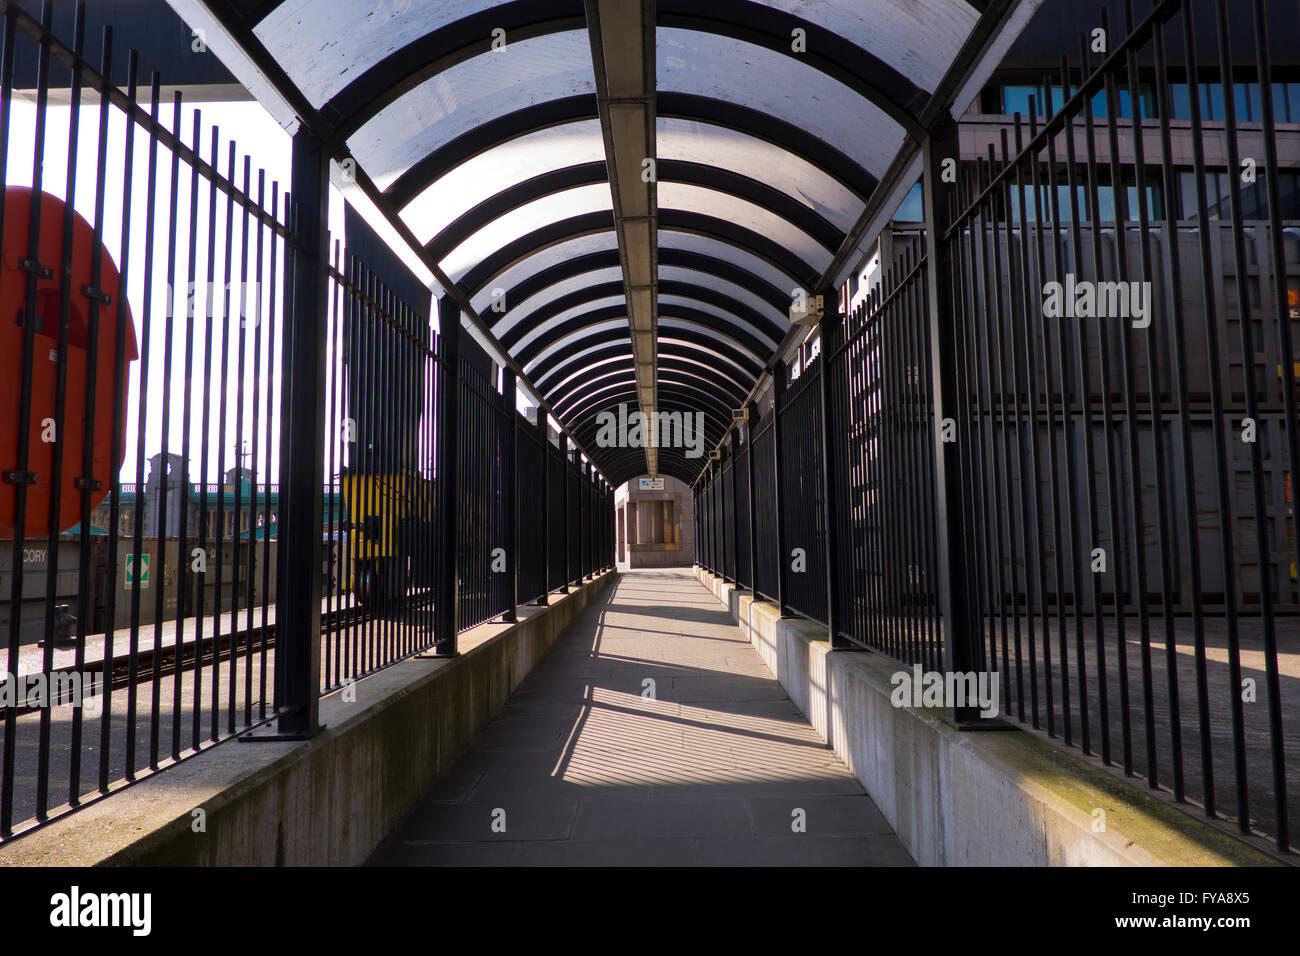 Upper Thames Street, Bell Wharf lane in London - Stock Image